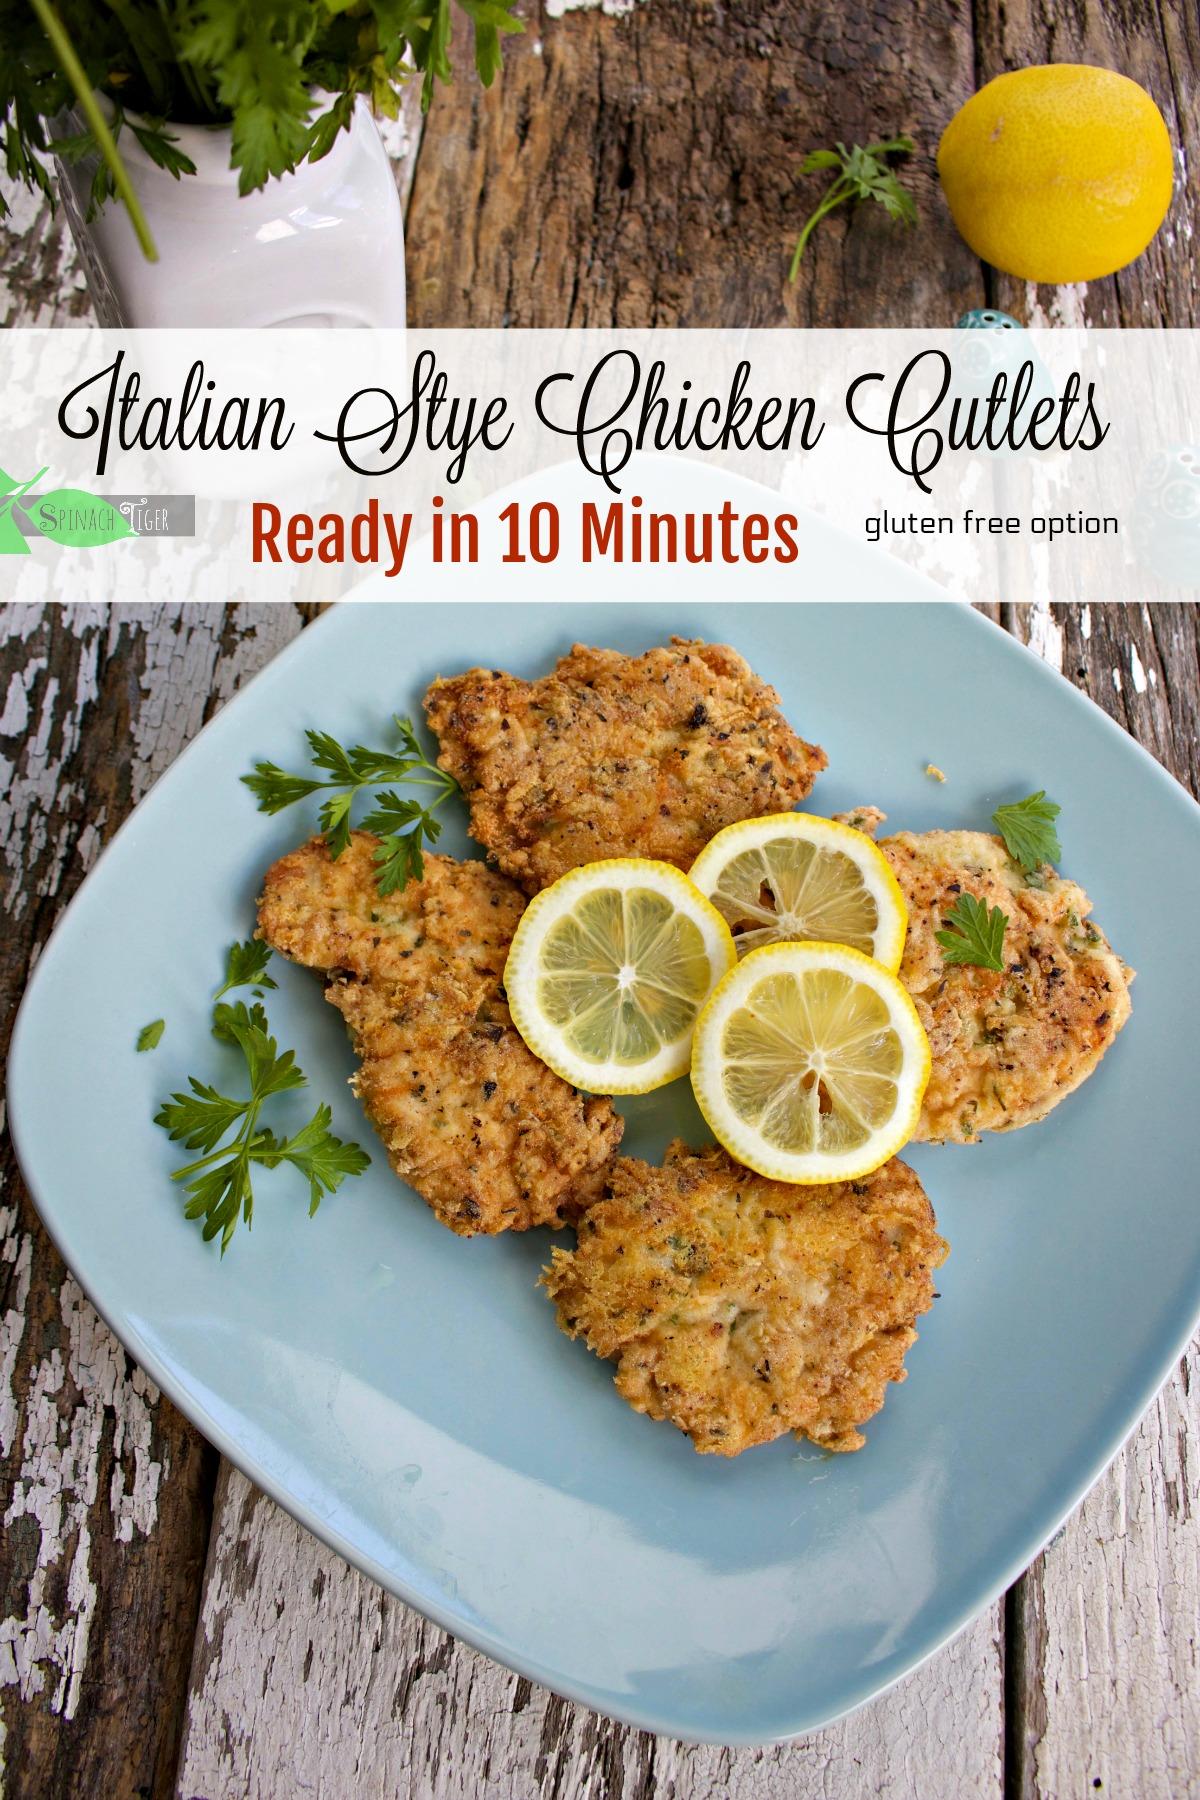 Gluten free chicken cutlets in ten minutes. via @angelaroberts